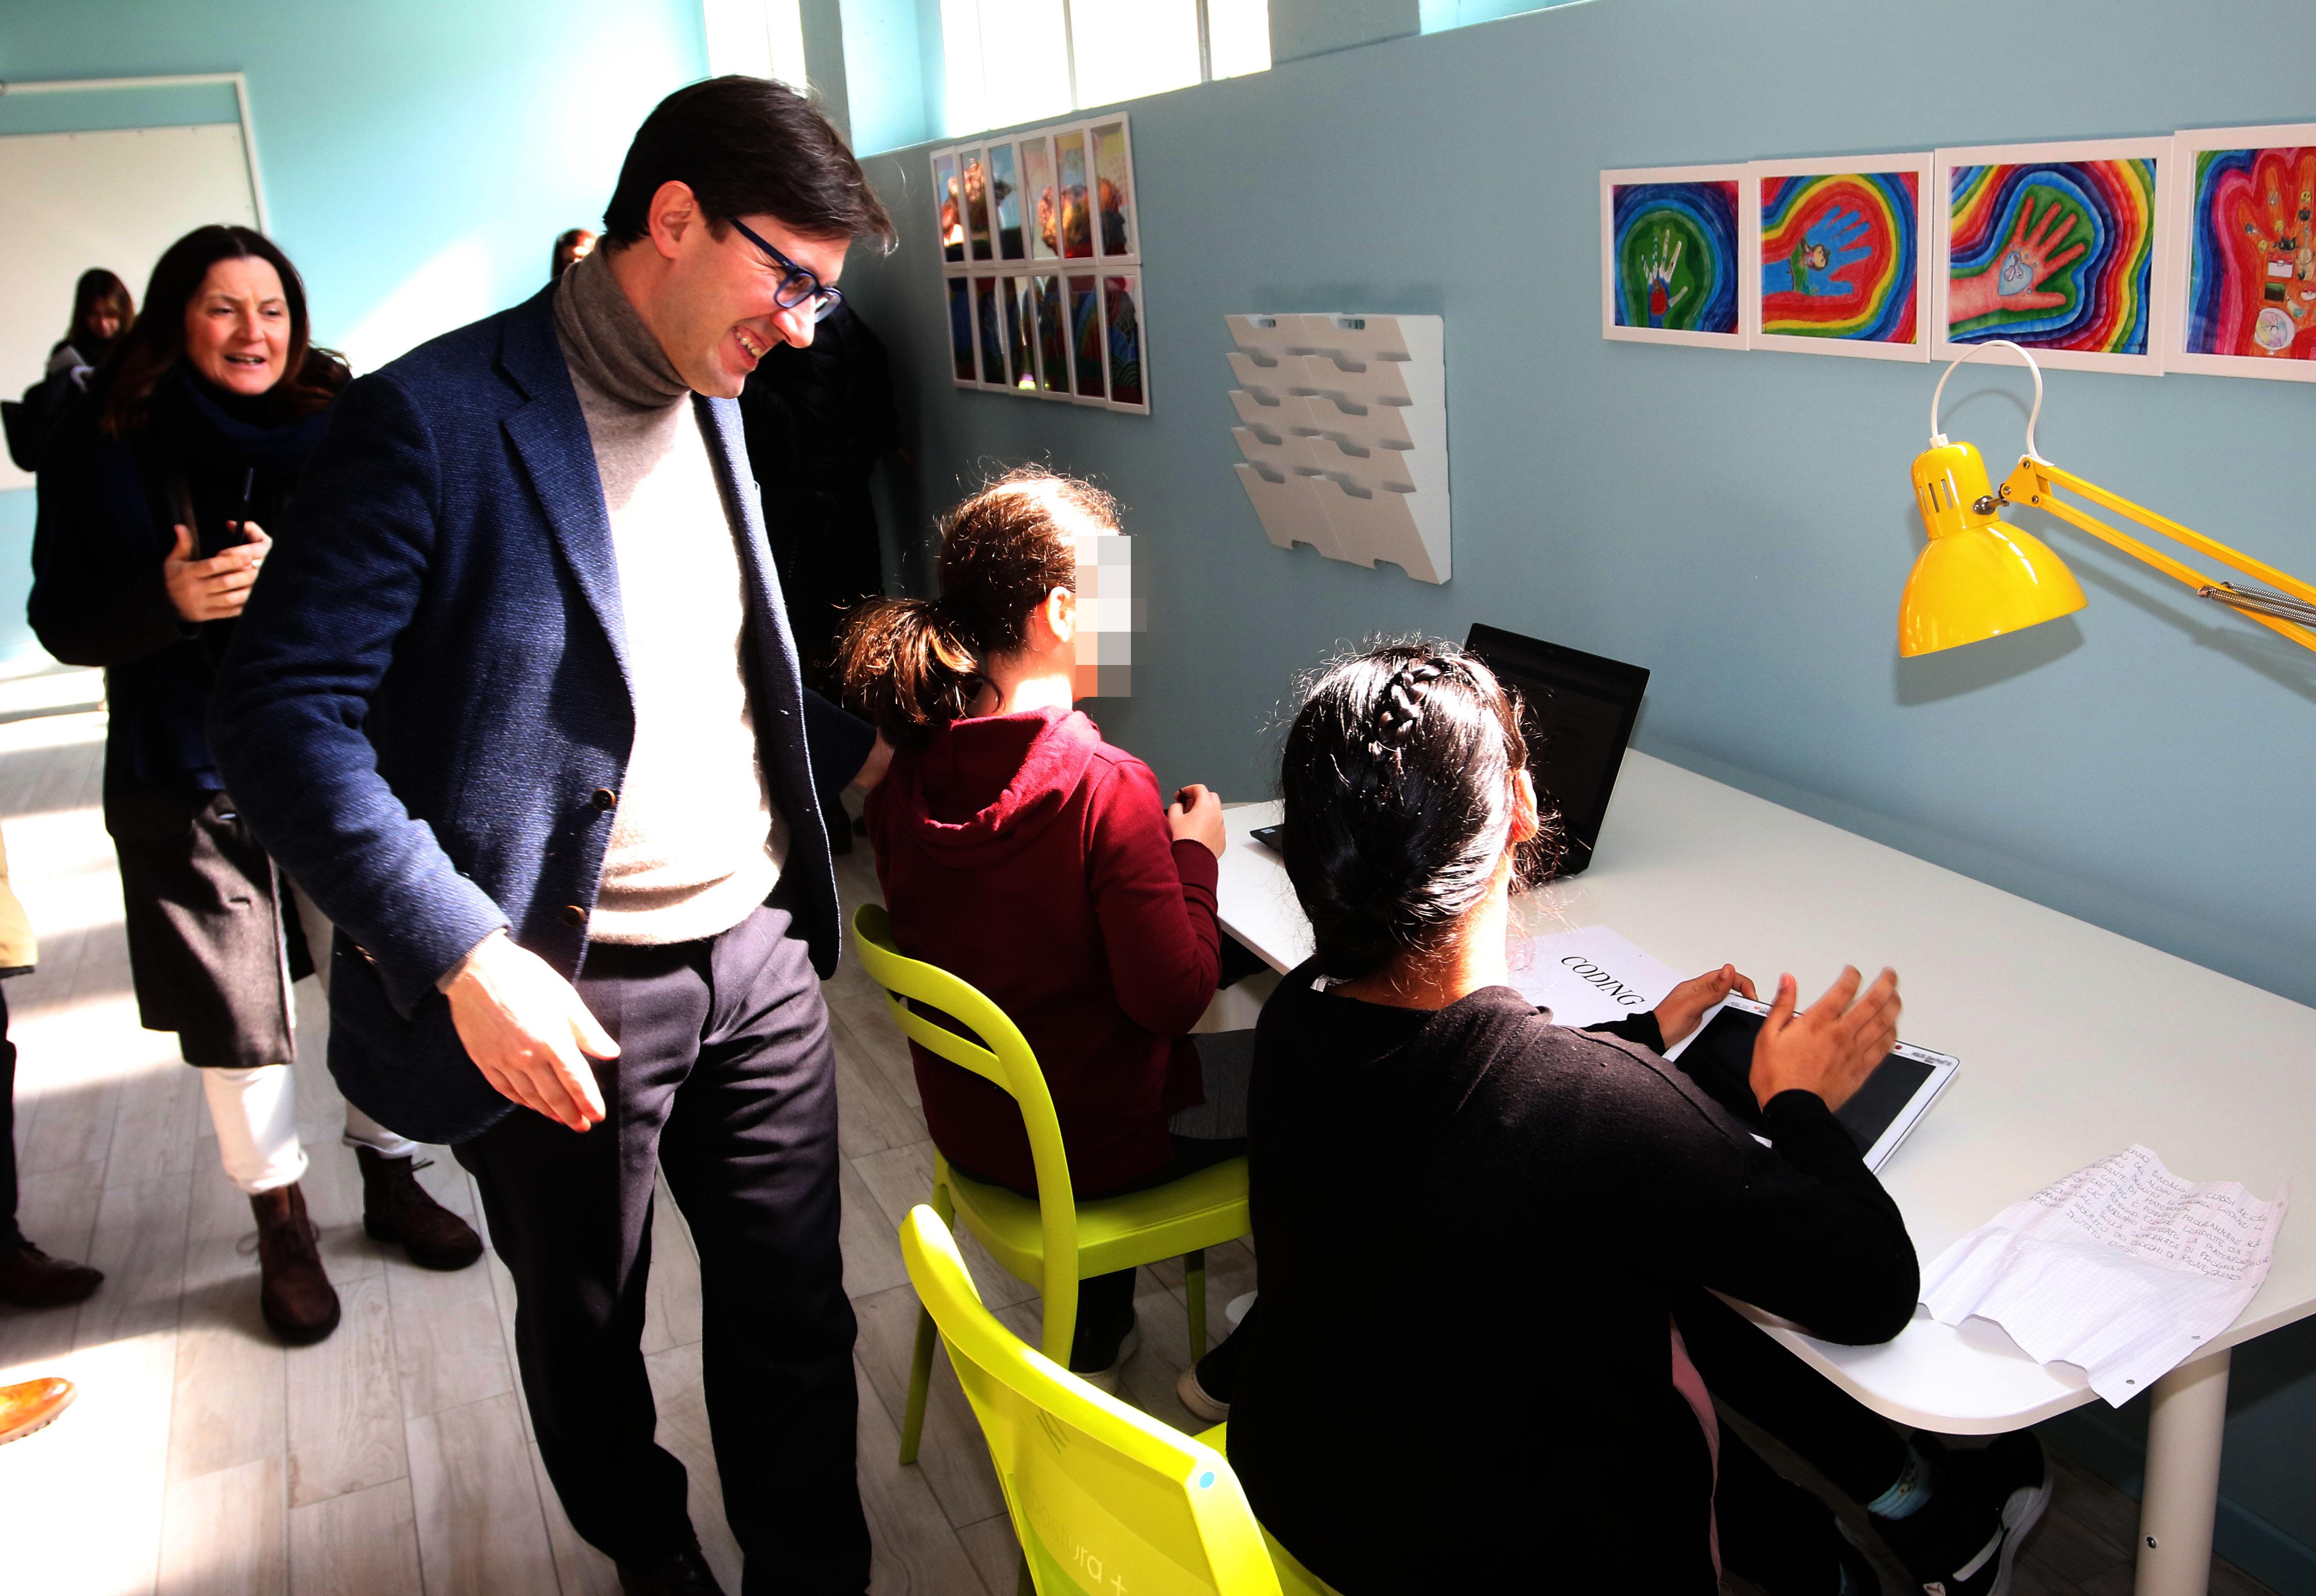 Nuovi spazi creativi scuola Ghiberti